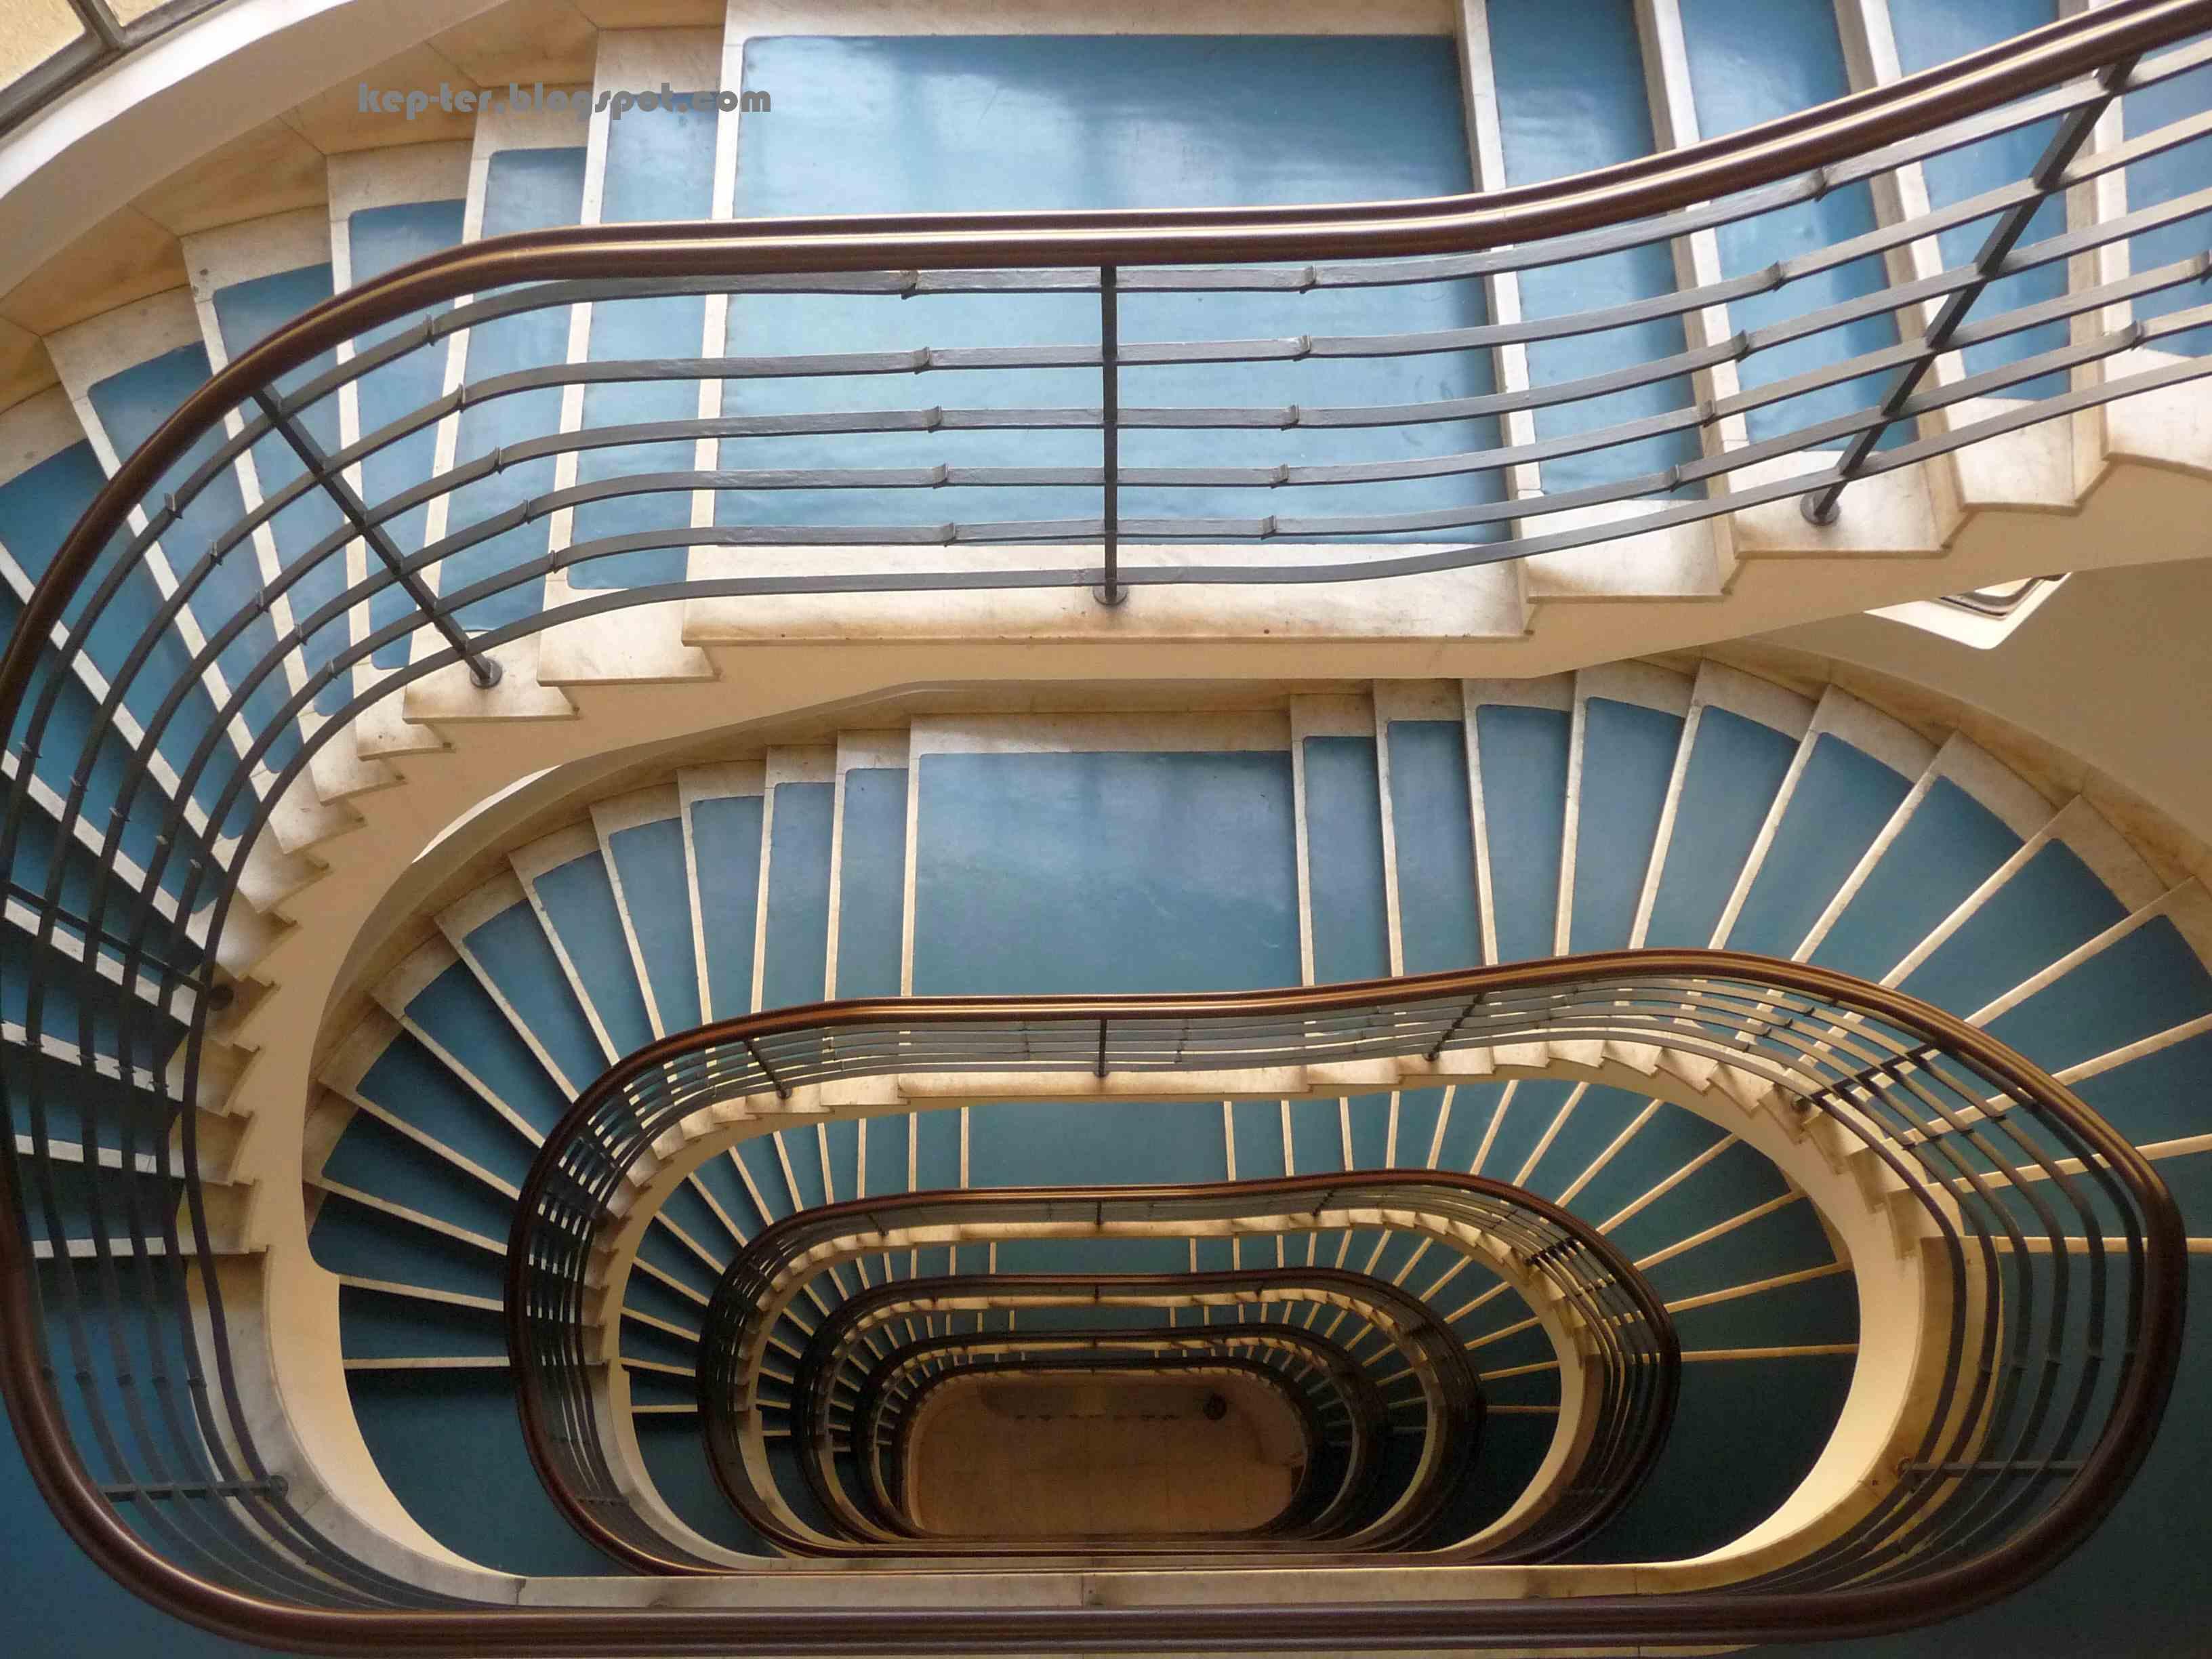 A 40-es számú ház lépcsőházát stadiongörbe alakú orsótér köré szerkesztették.